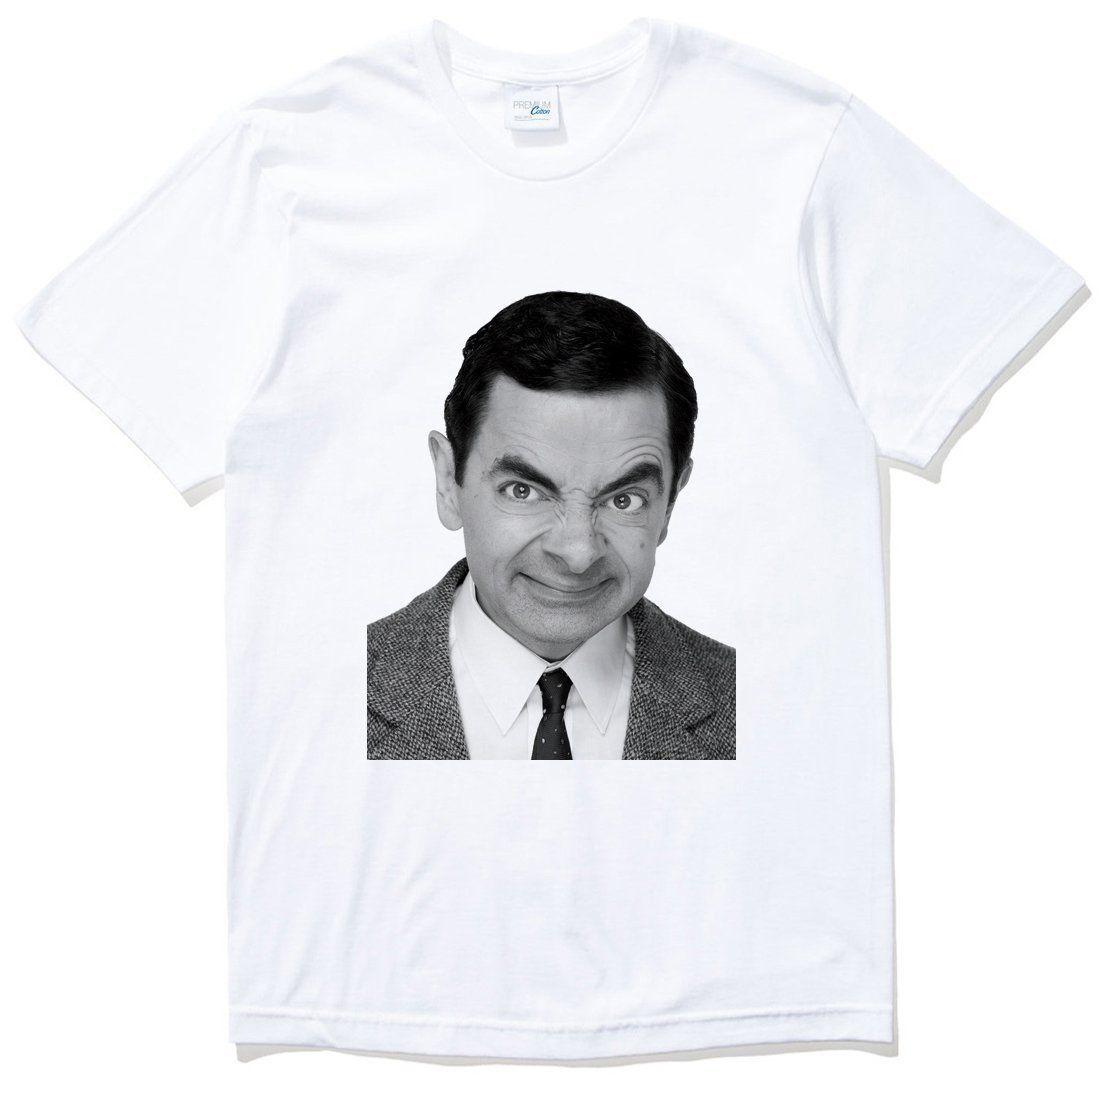 Новый Мистер Бин британские комедии ролях фото мужчин белый футболка